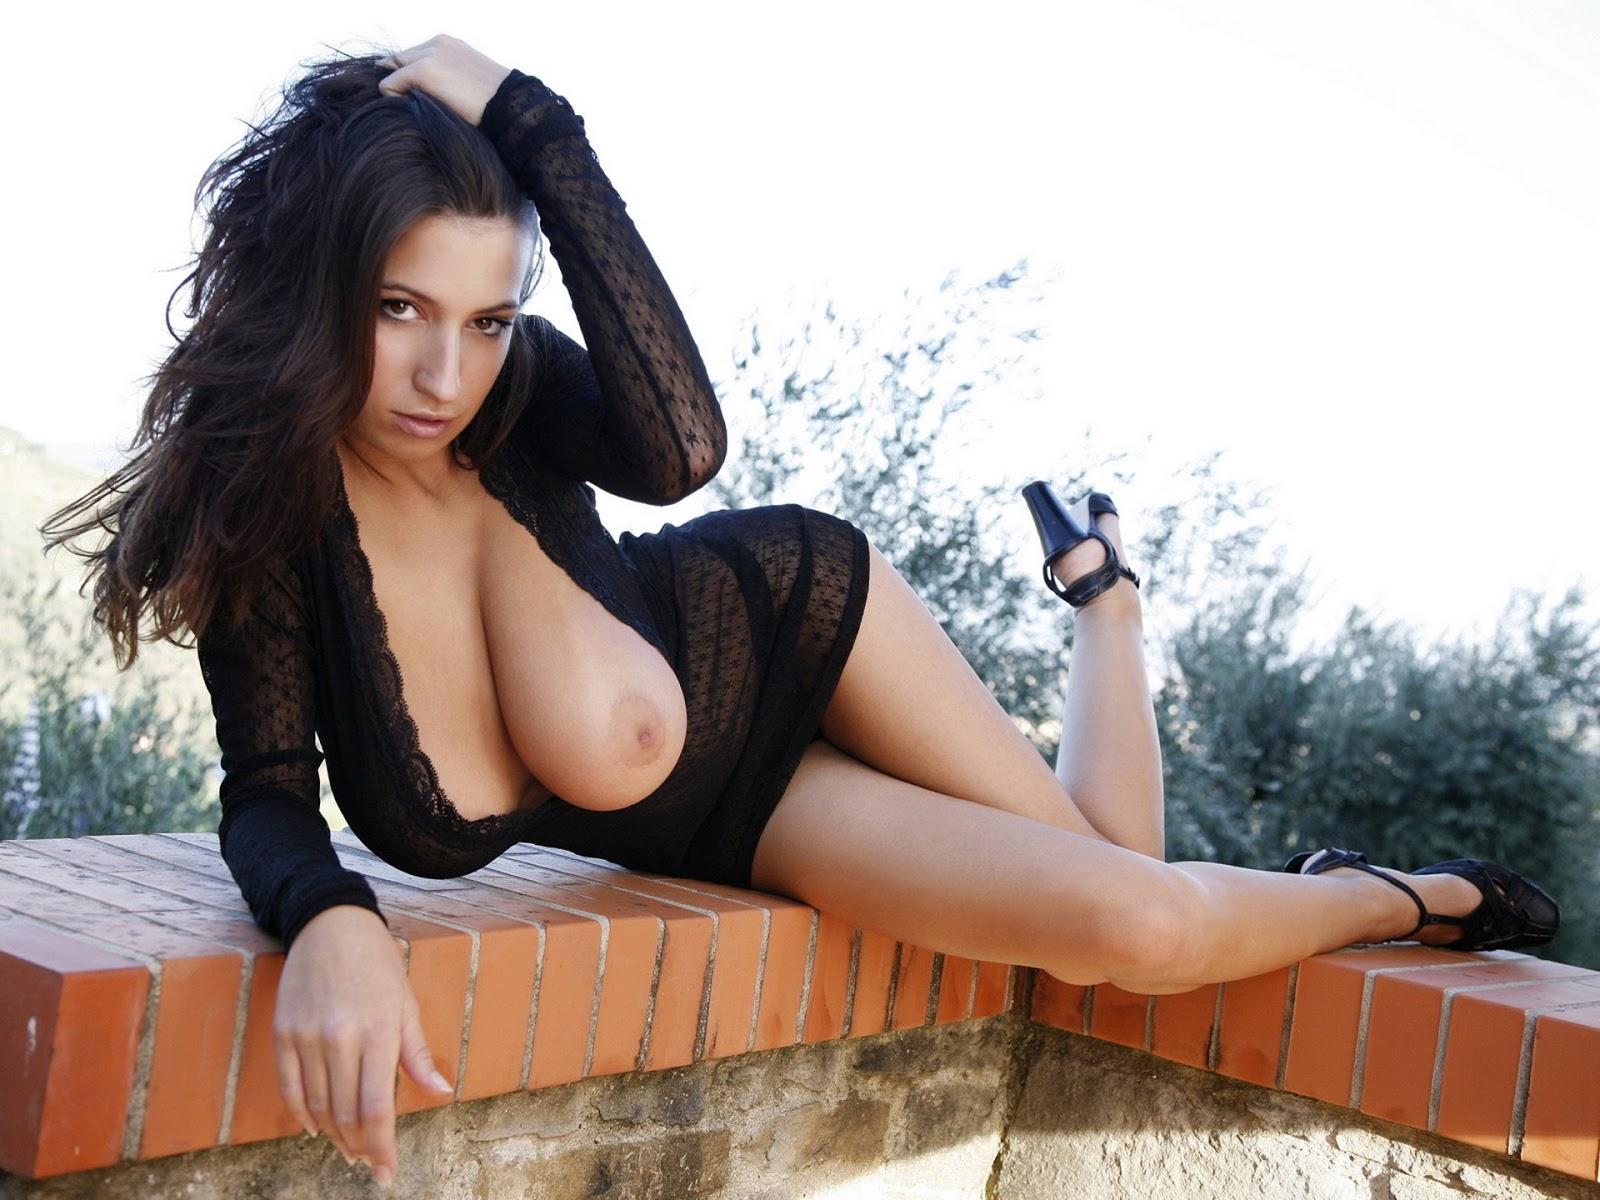 Сексуалный женшины фото 5 фотография